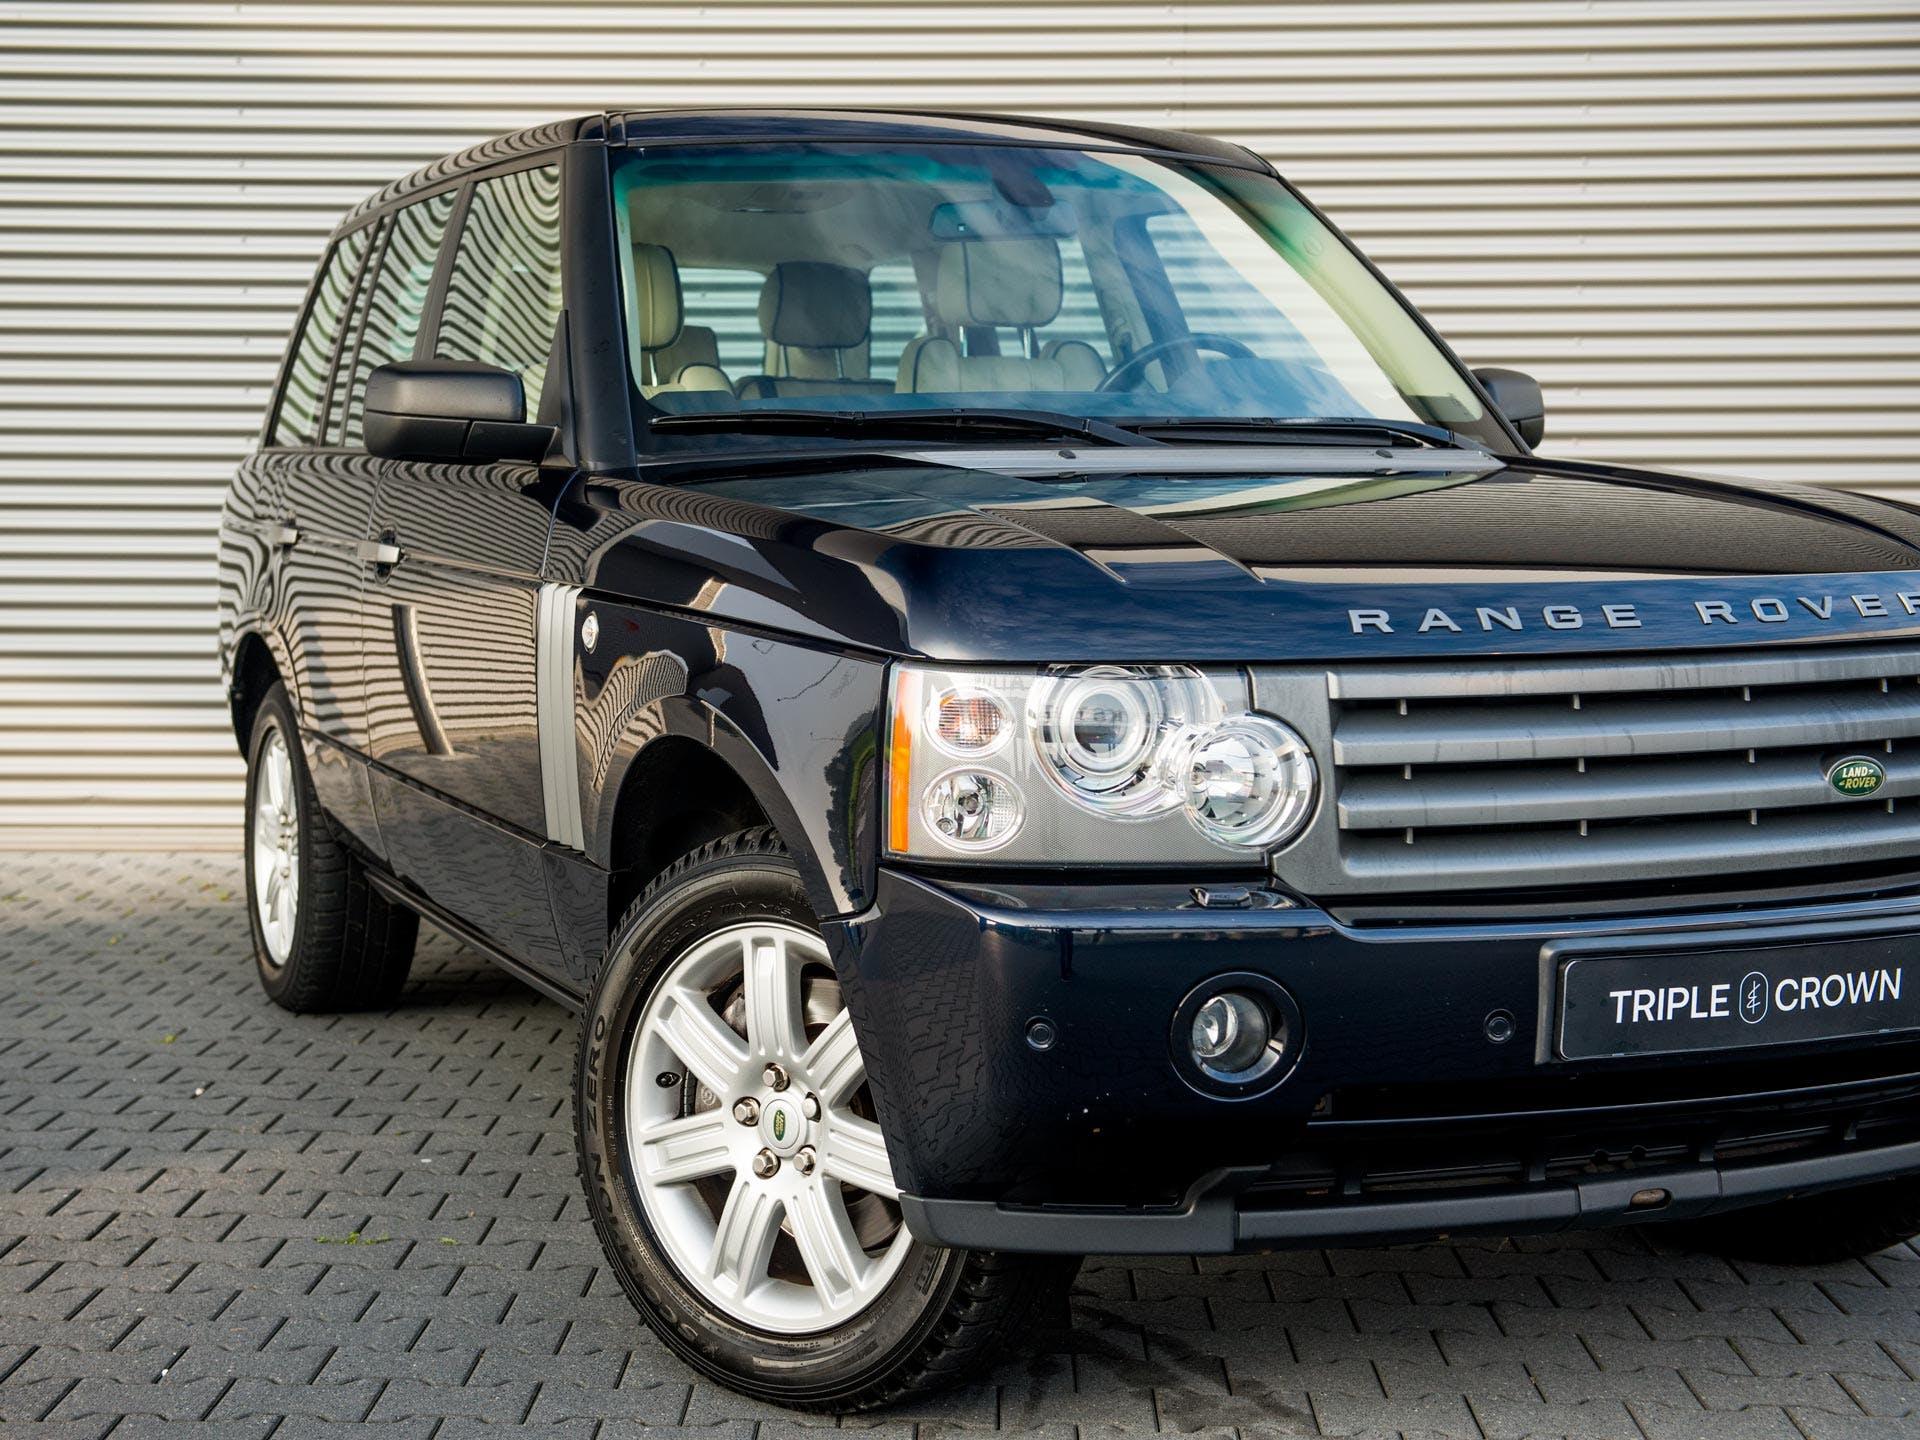 Tweedehands Range Rover Vogue 2008 occasion